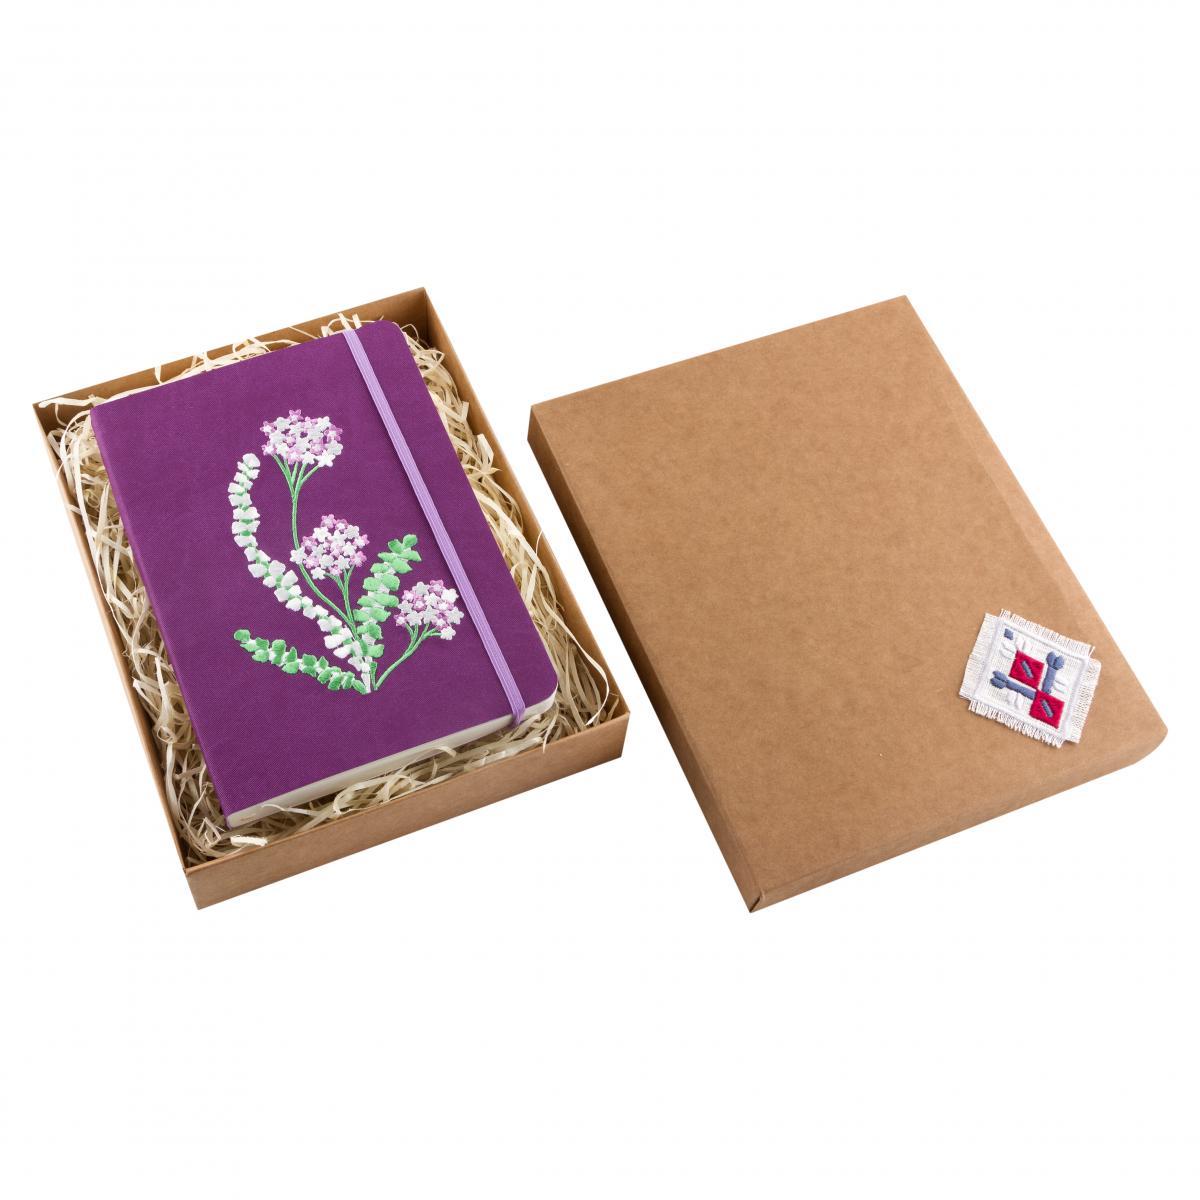 Блокнот фиолетового цвета с вышитыми цветками. Фото №3. | Народный дом Украина